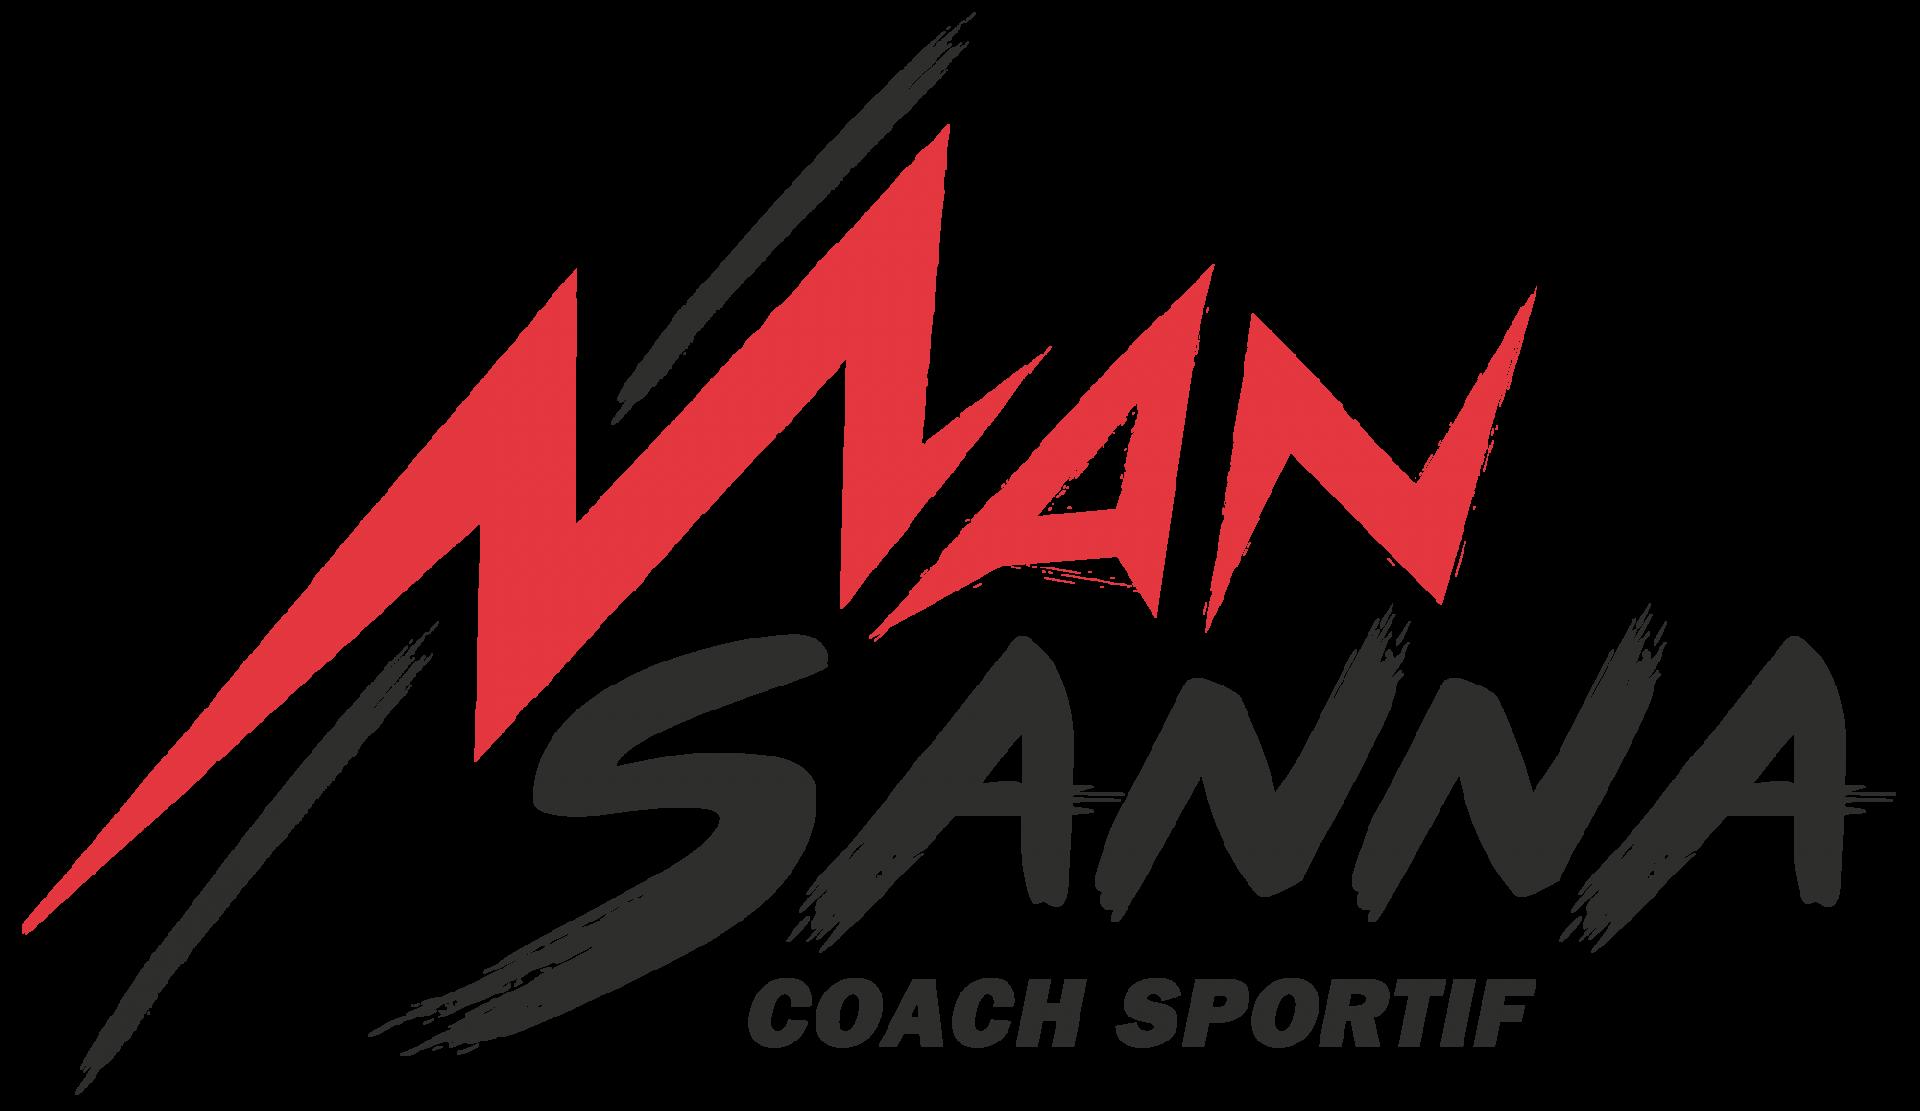 Mansanna logo